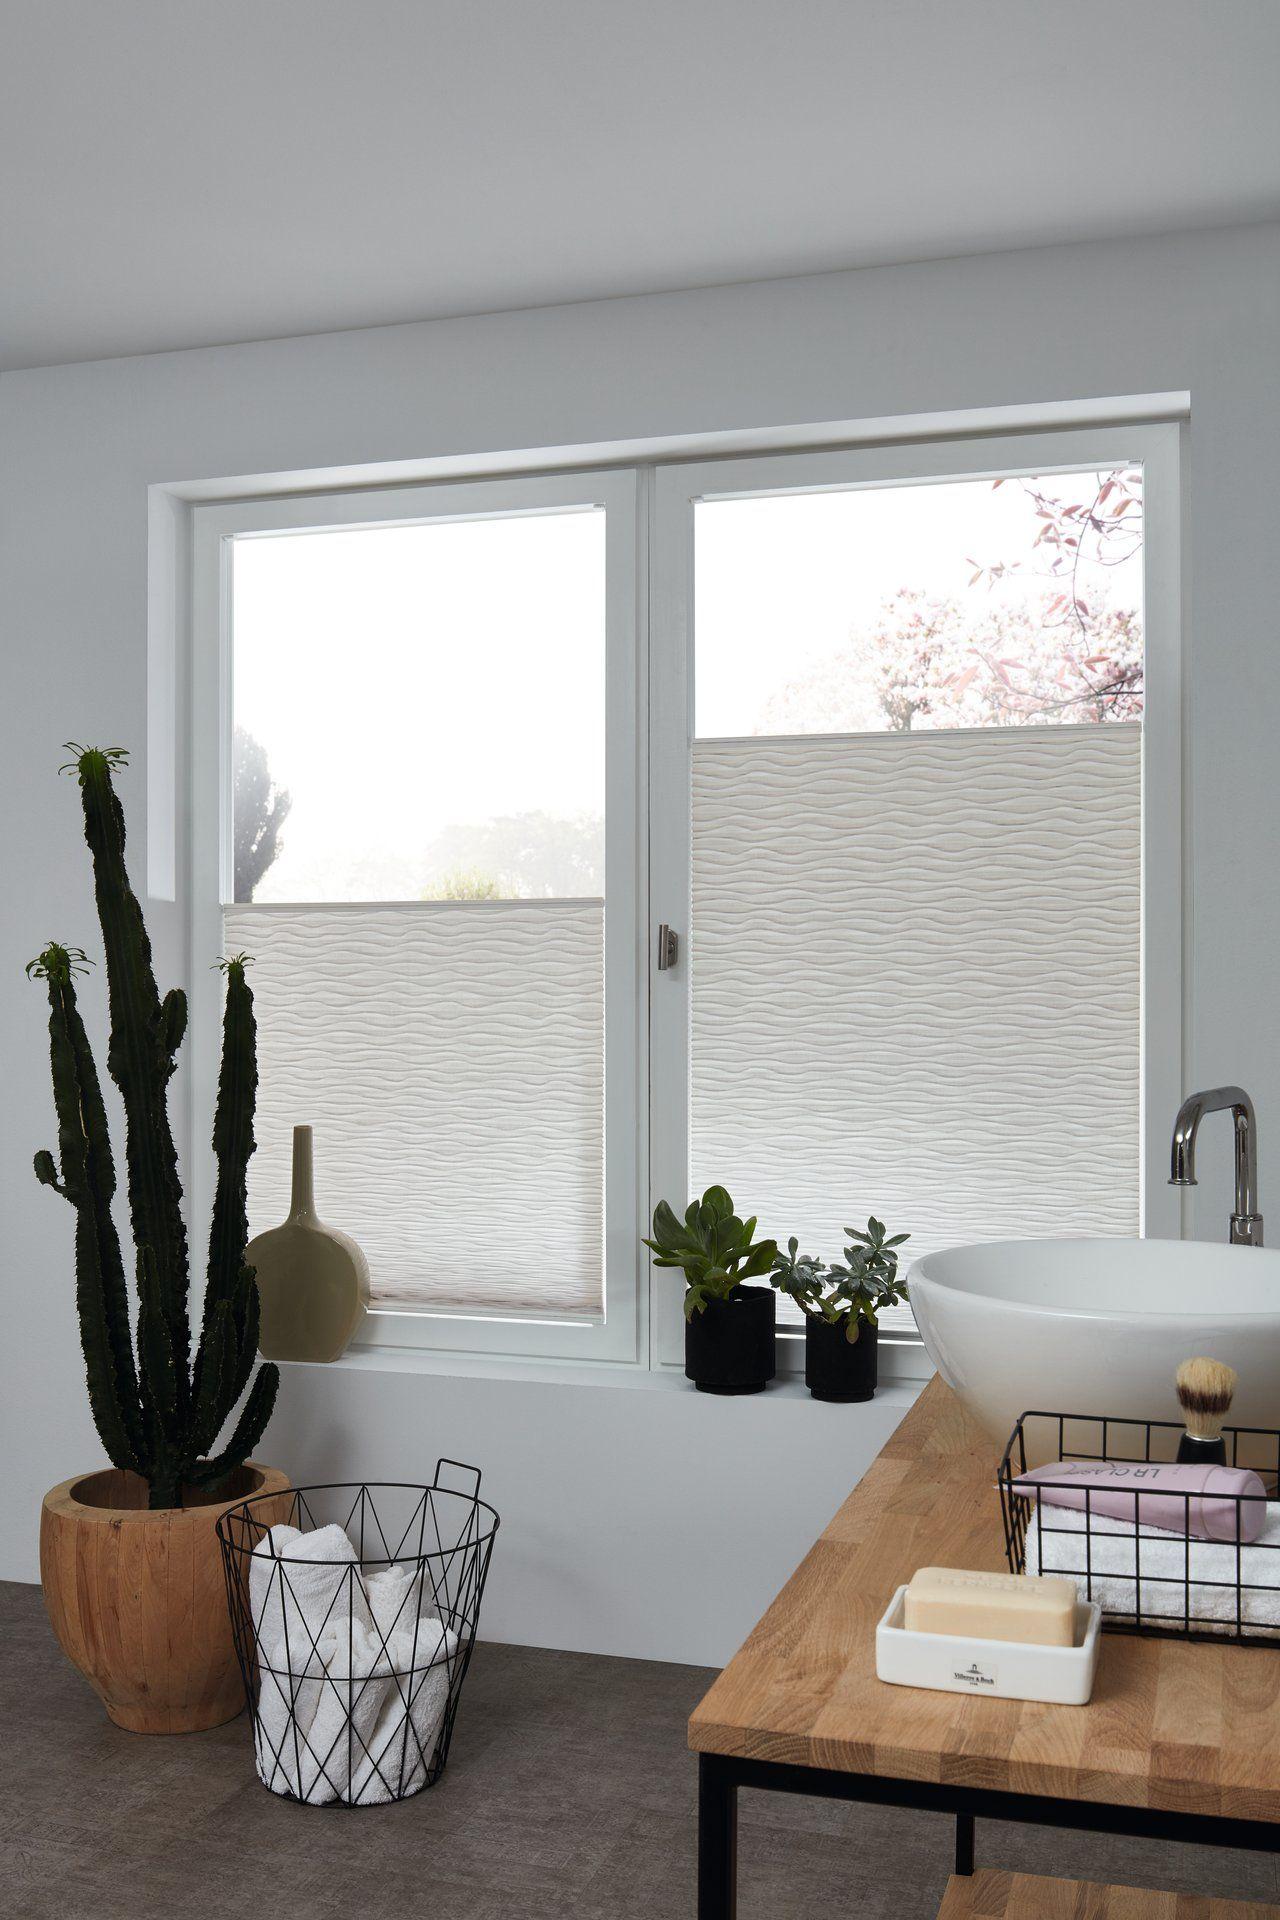 Duette Skyline Plissee Style Ocean Von Jab Anstoetz Badezimmer Ohne Fenster Badezimmer Grundriss Plissee